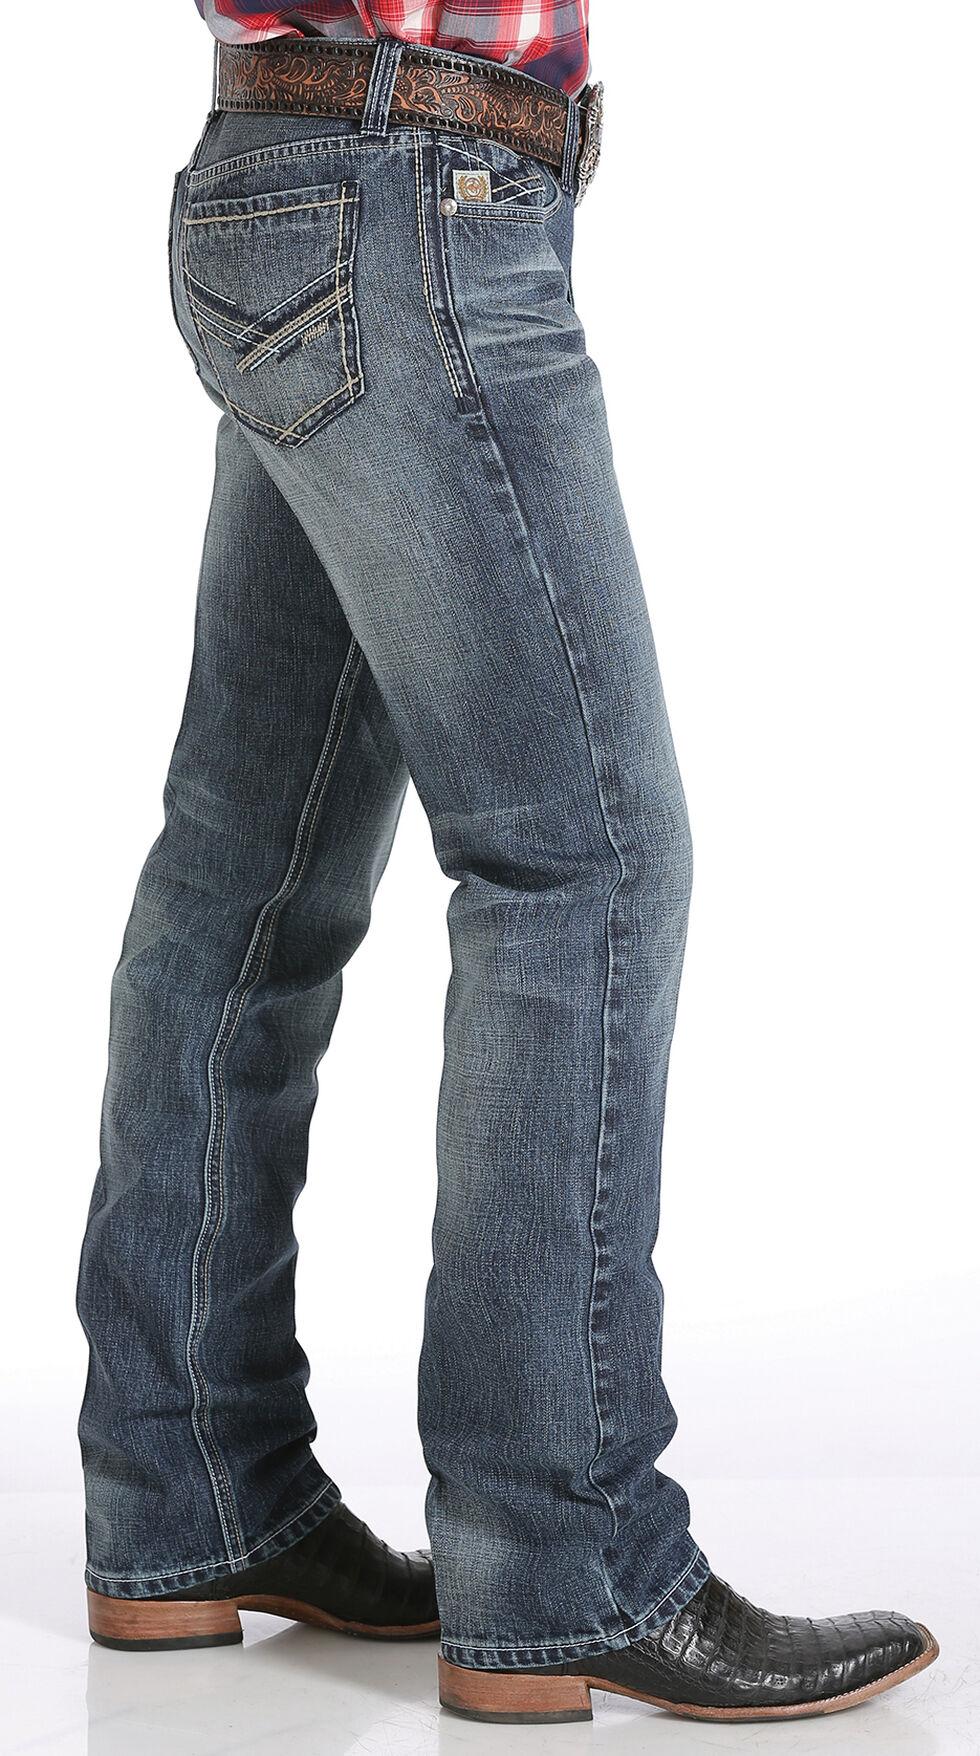 Cinch Ian Slim Fit Jeans - Boot Cut , Denim, hi-res